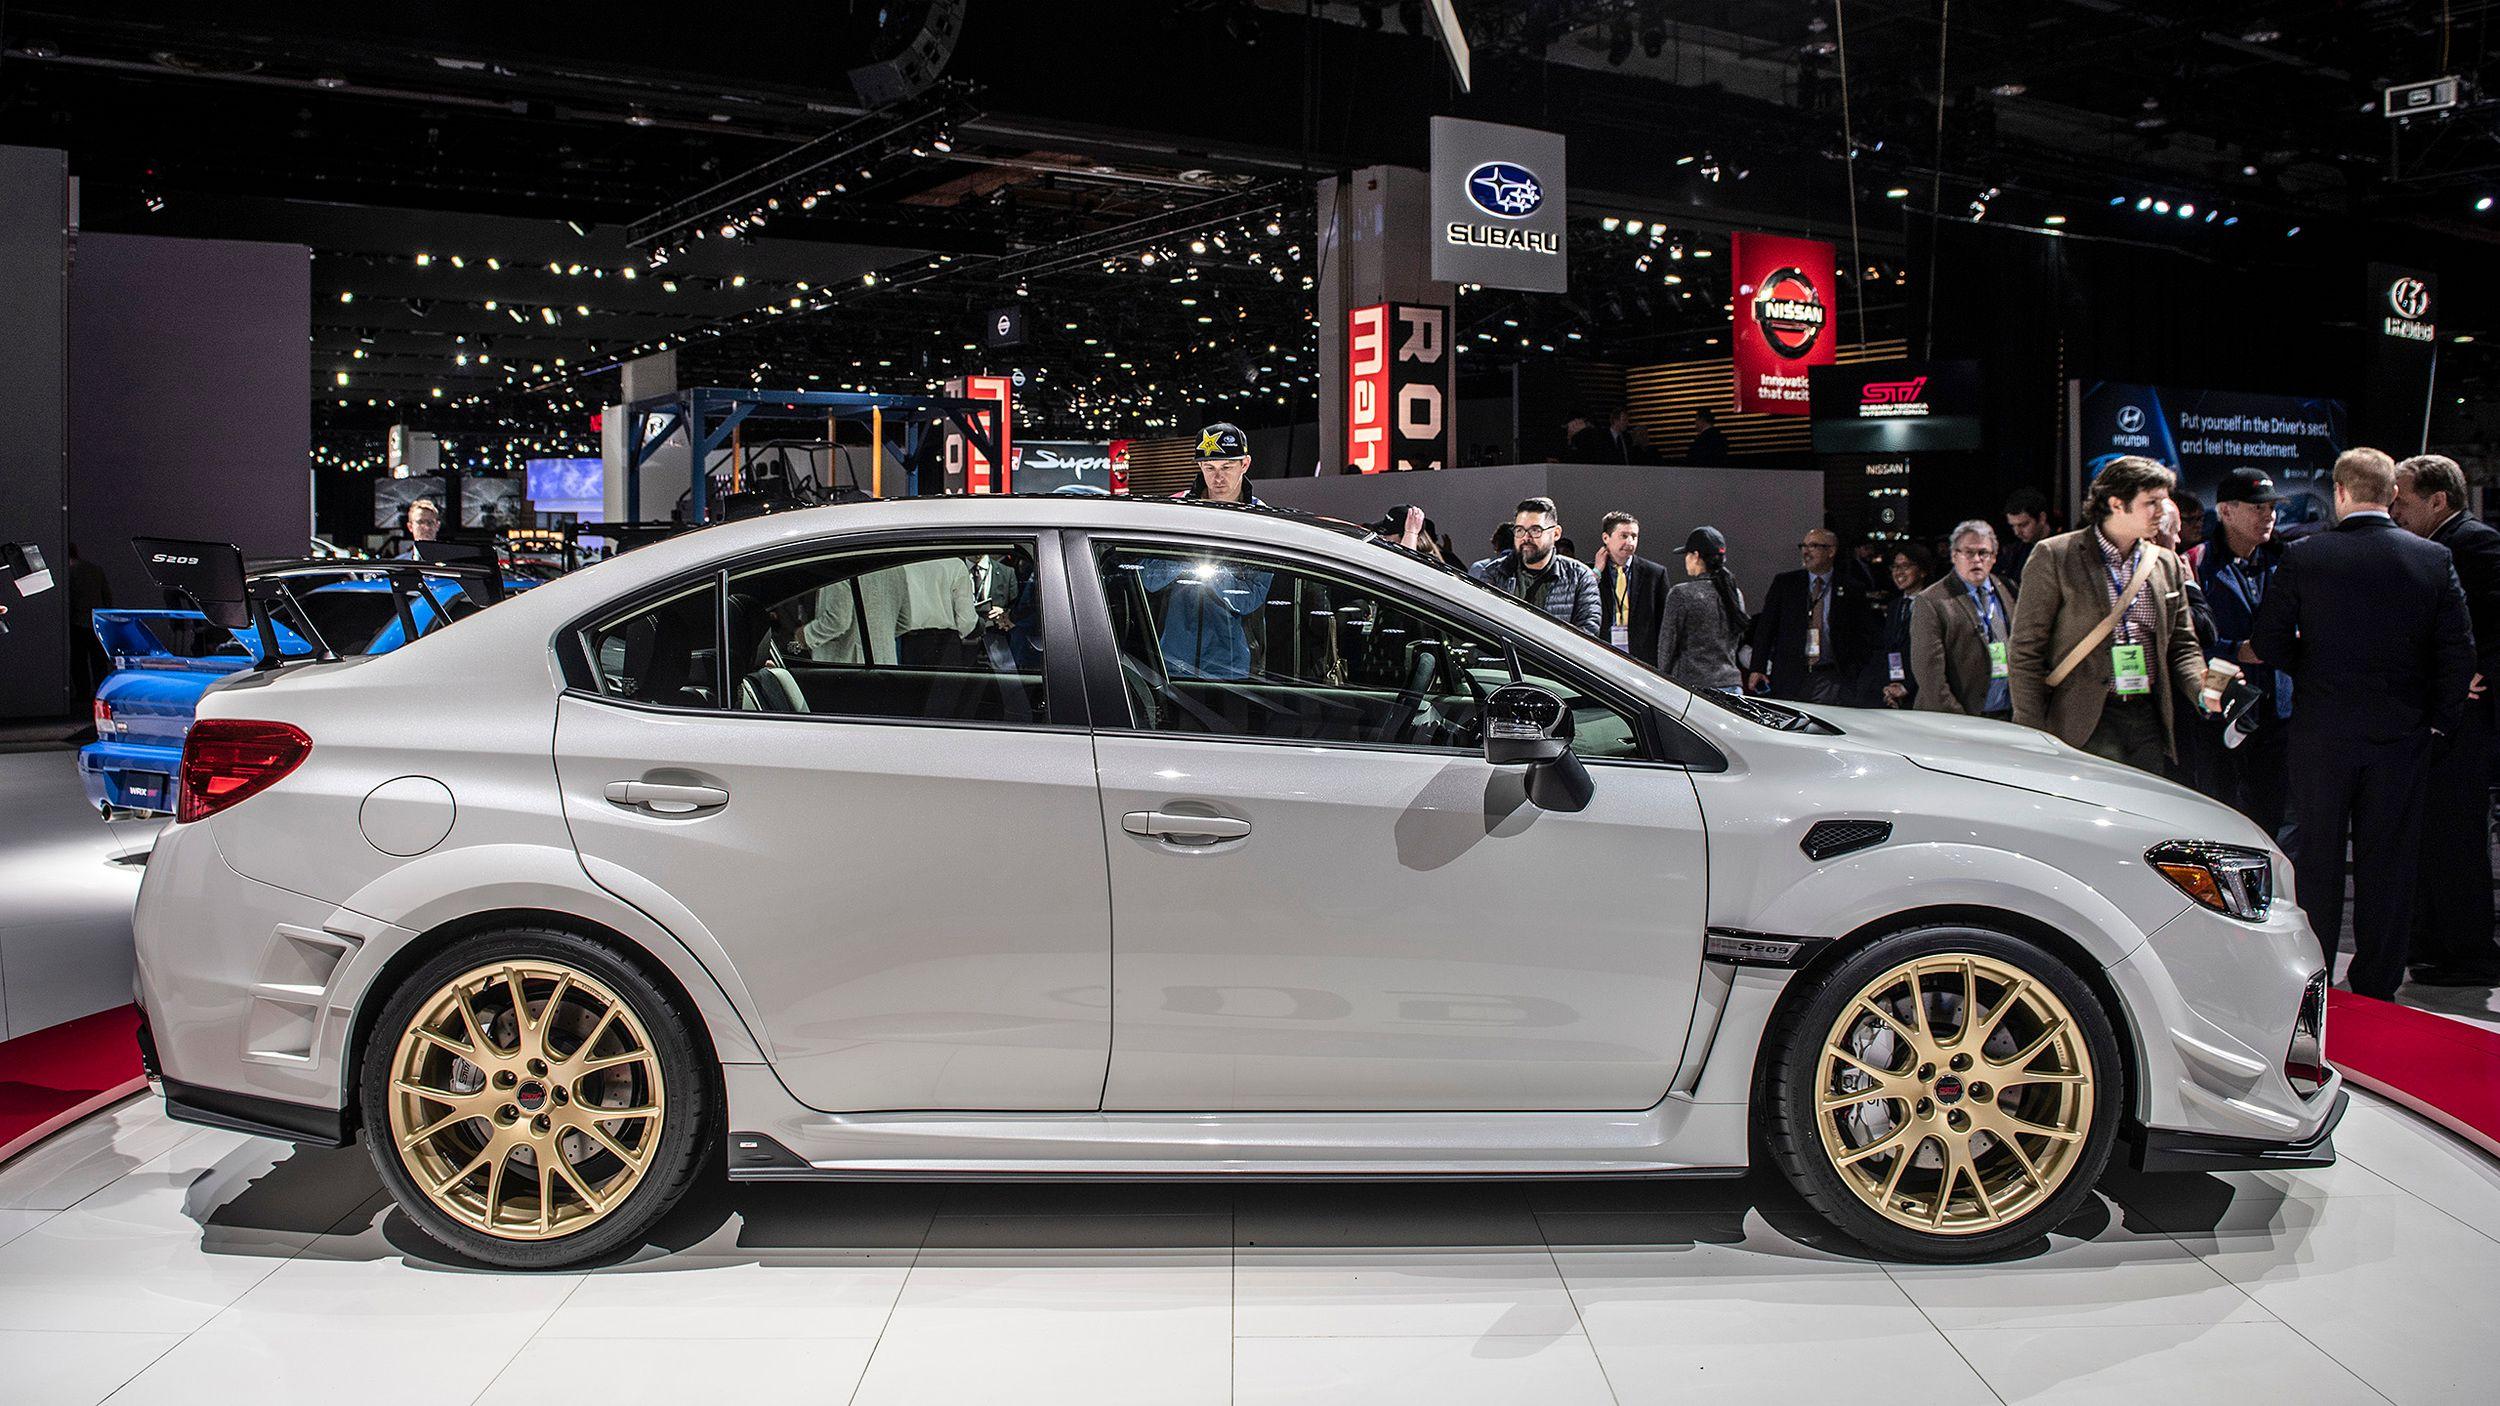 340-сильна Subaru WRX STI S209 дебютувала у Детройті